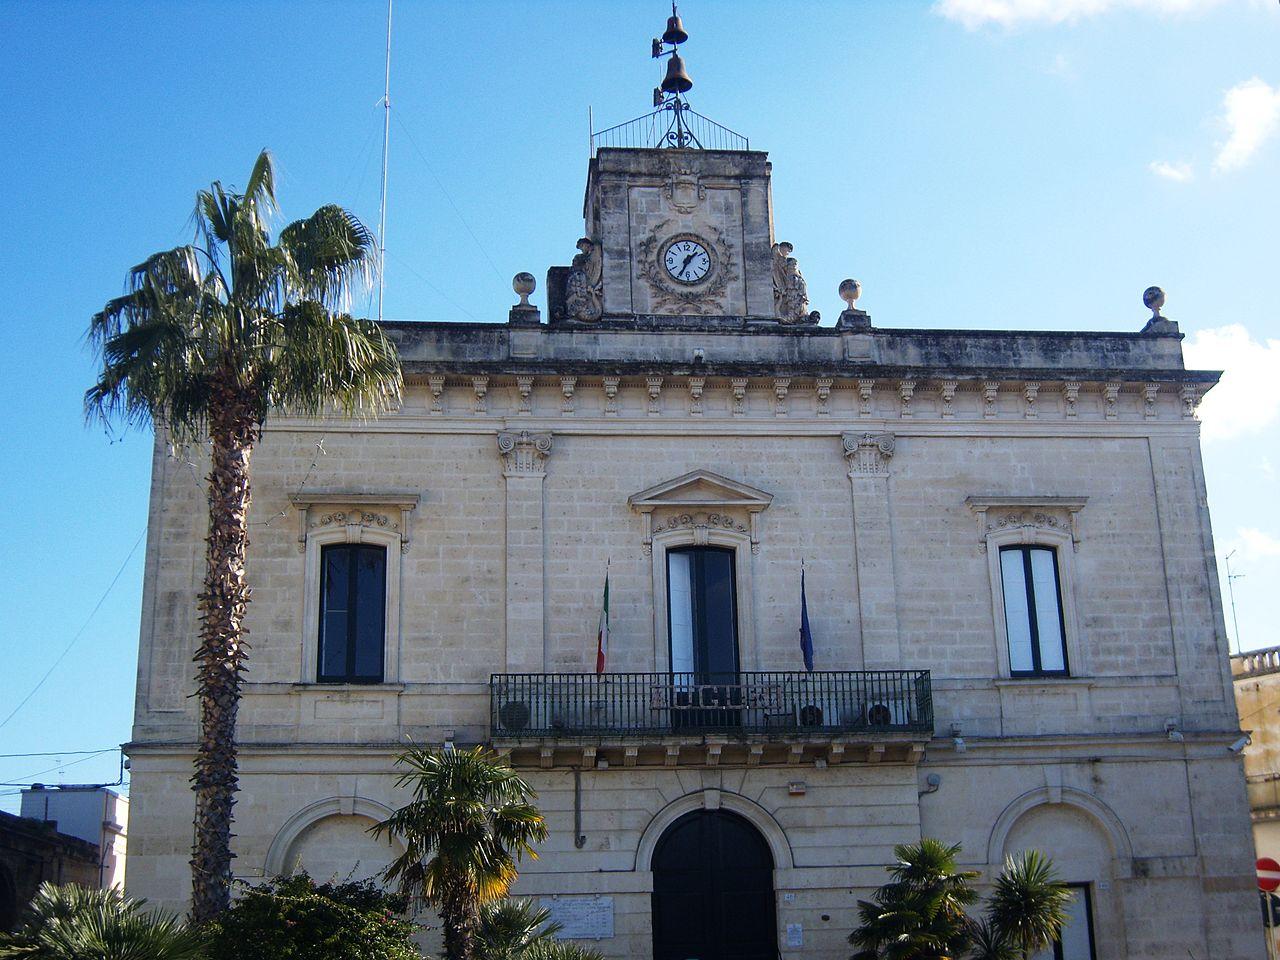 1280px-Lizzanello_(LE)_-_municipio